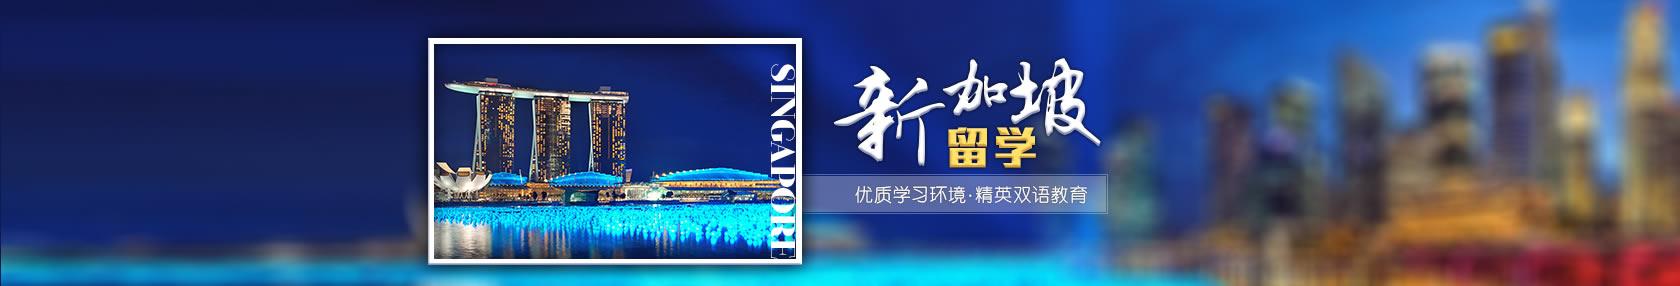 【新加坡留学】优质学习环境精英双语教育